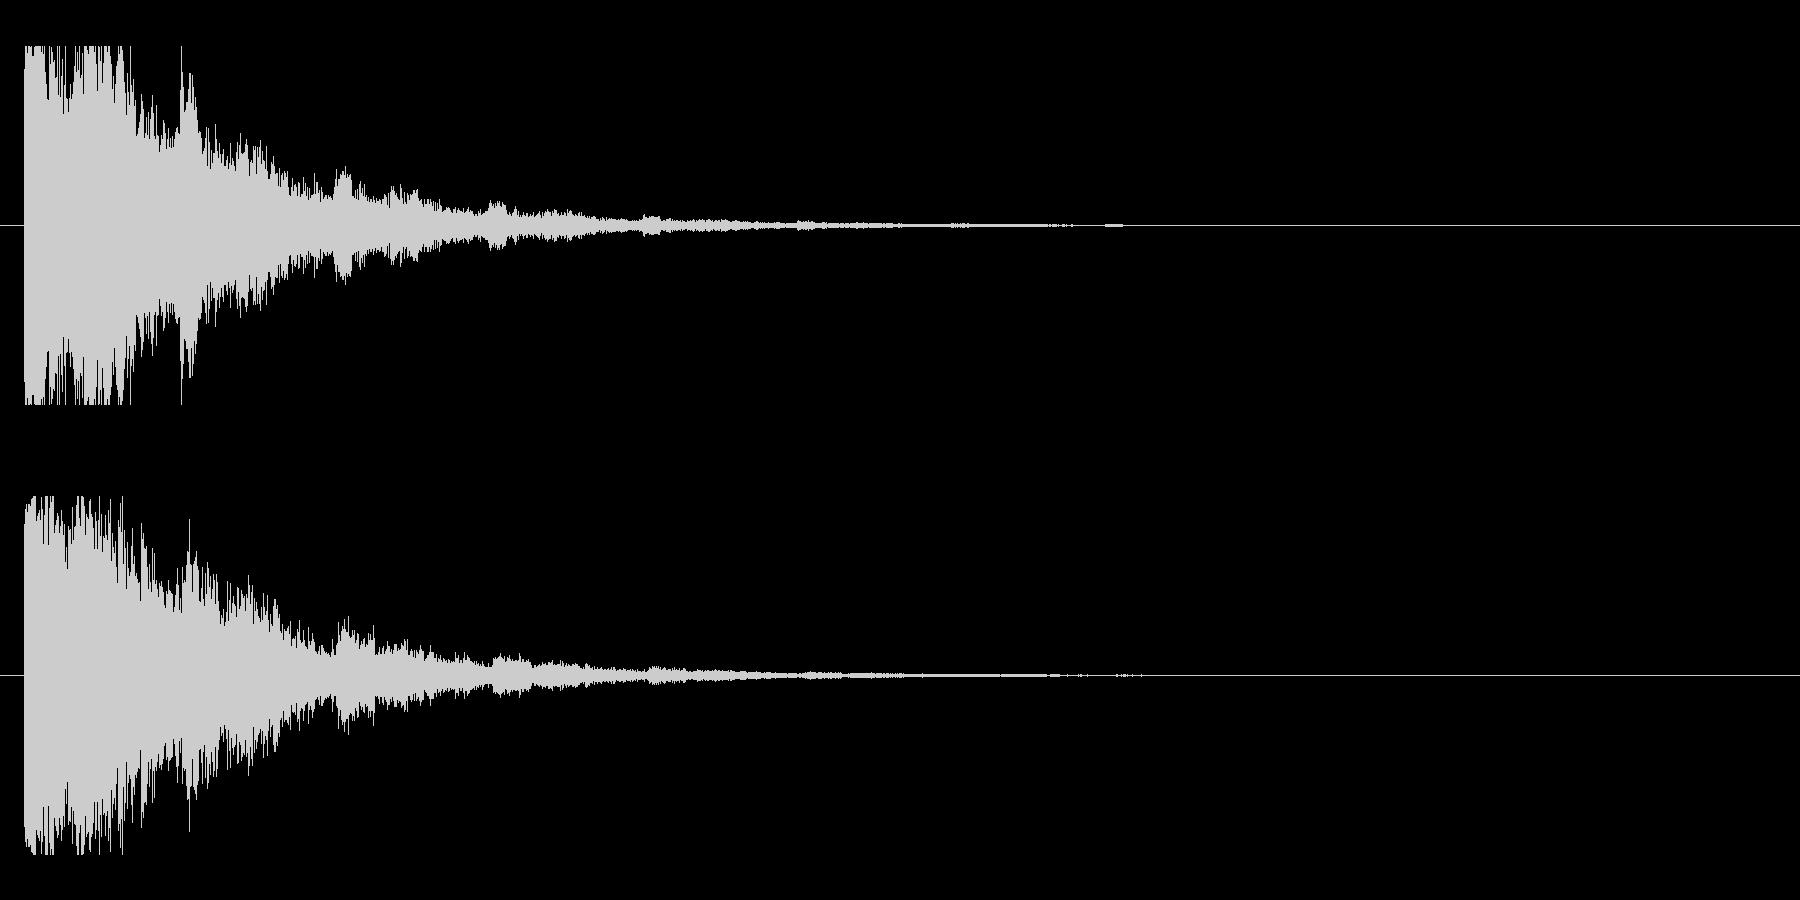 レーザー音-05-2の未再生の波形